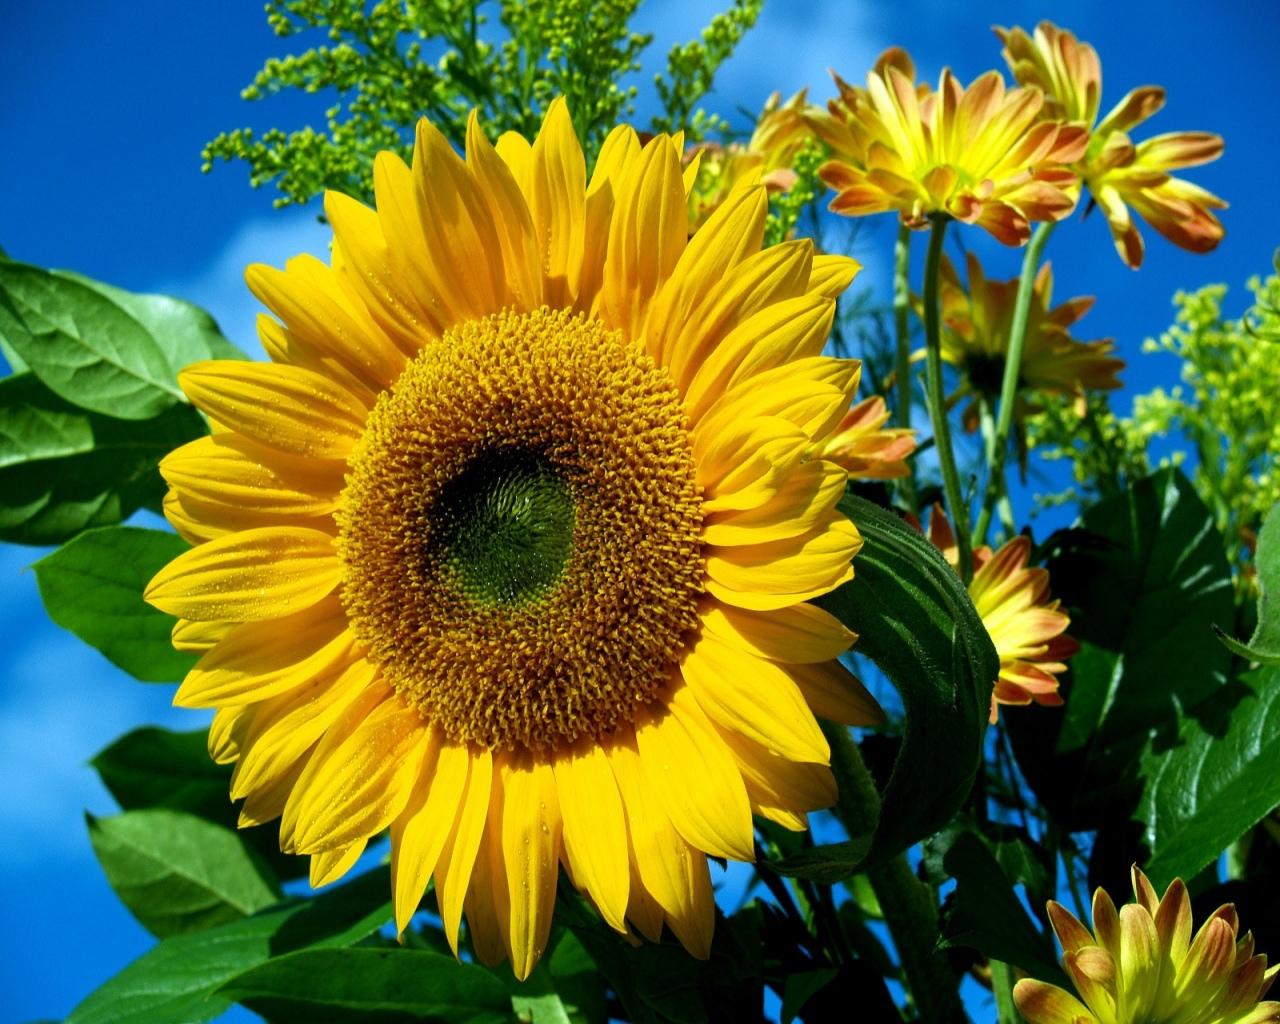 14593 скачать обои Растения, Цветы, Подсолнухи - заставки и картинки бесплатно